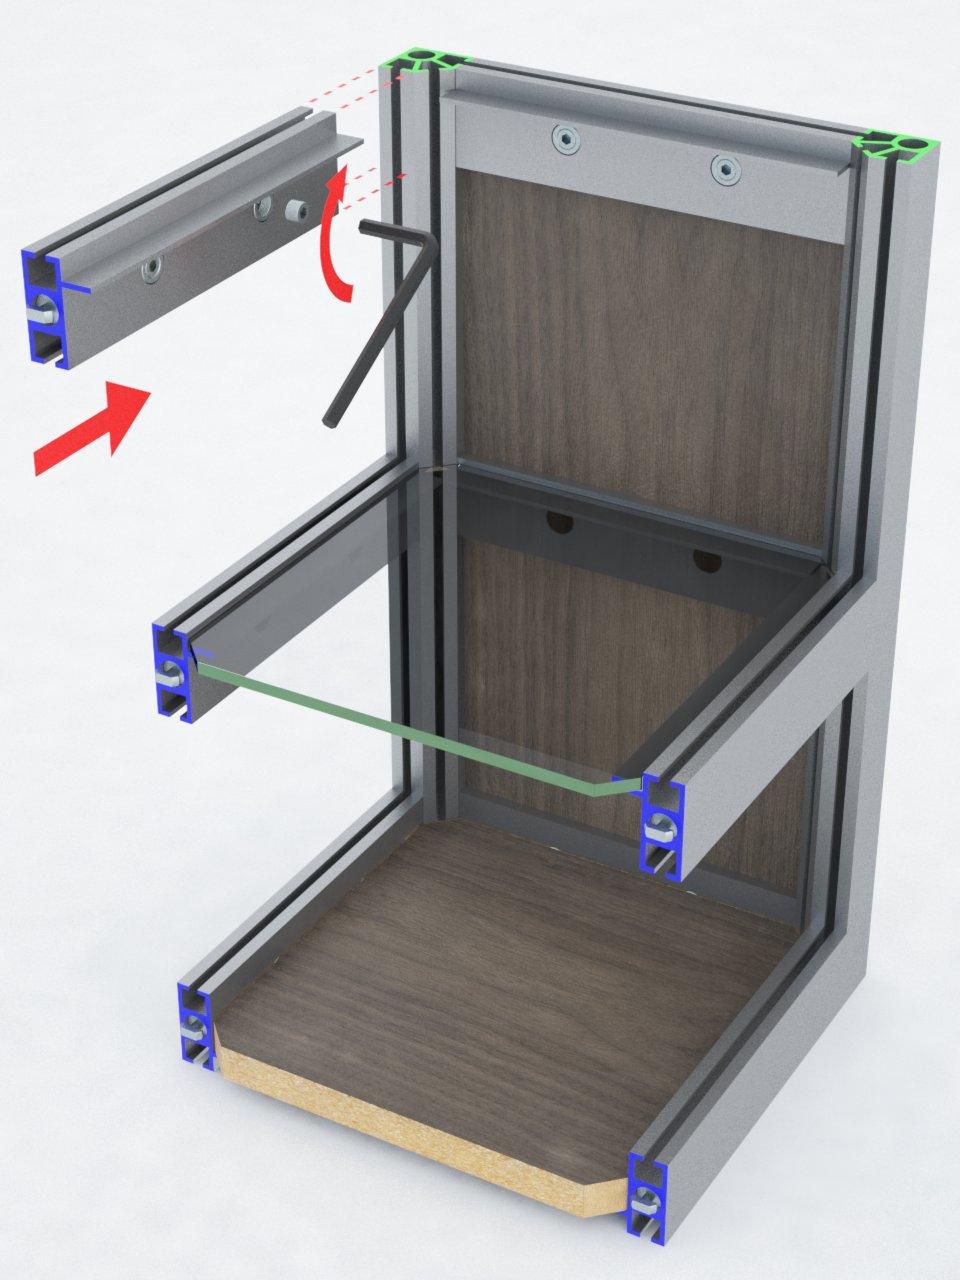 Perfil de travessa T400A para montagem de estruturas em alumínio com prateleiras de vidro ou mdf